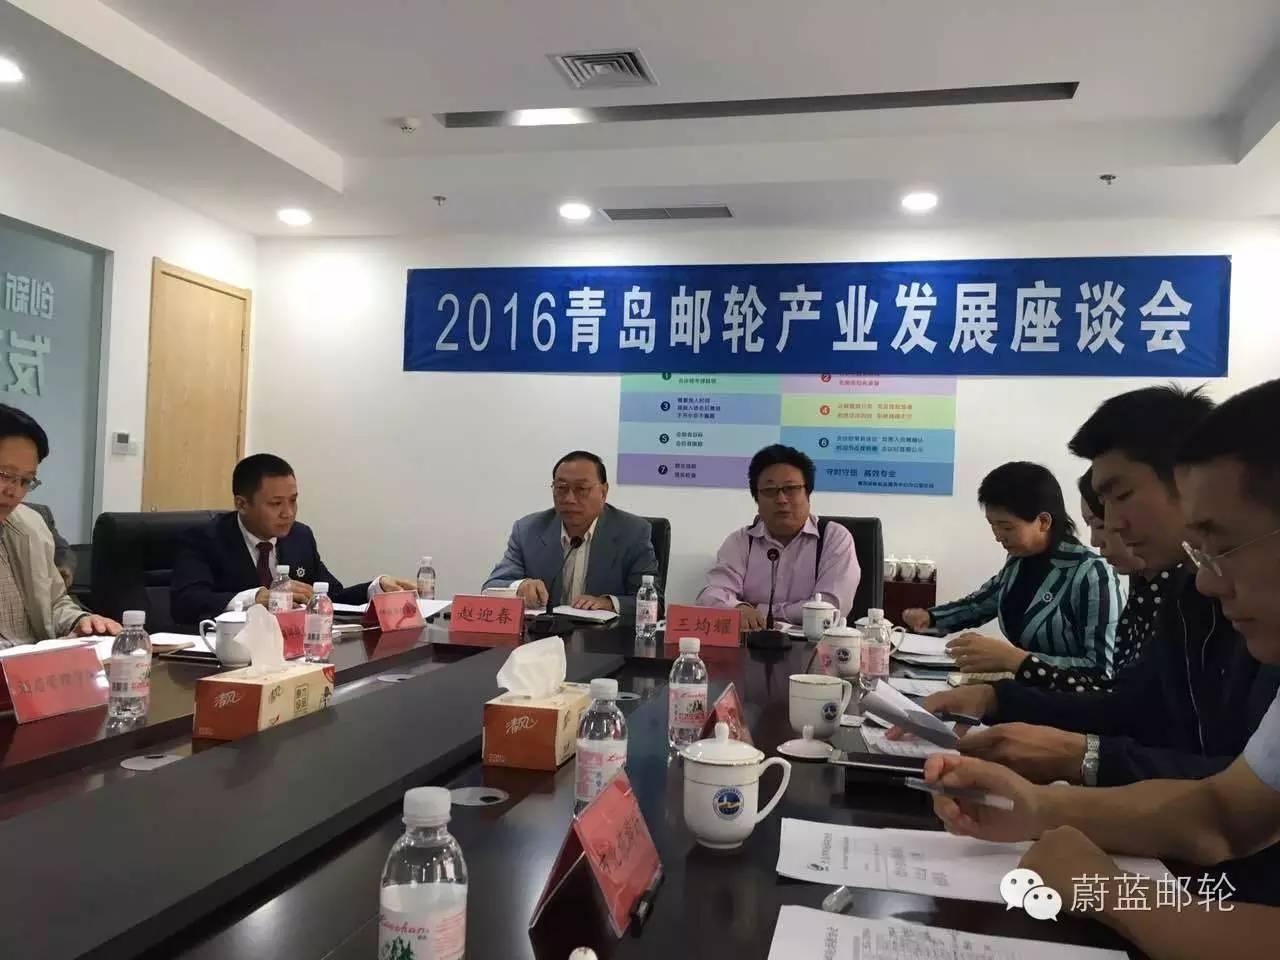 青岛市邮轮游艇协会主持召开2016年青岛邮轮产业发展座谈会 2d0f7e72c667e6adc98cfc566b333d5e.jpg